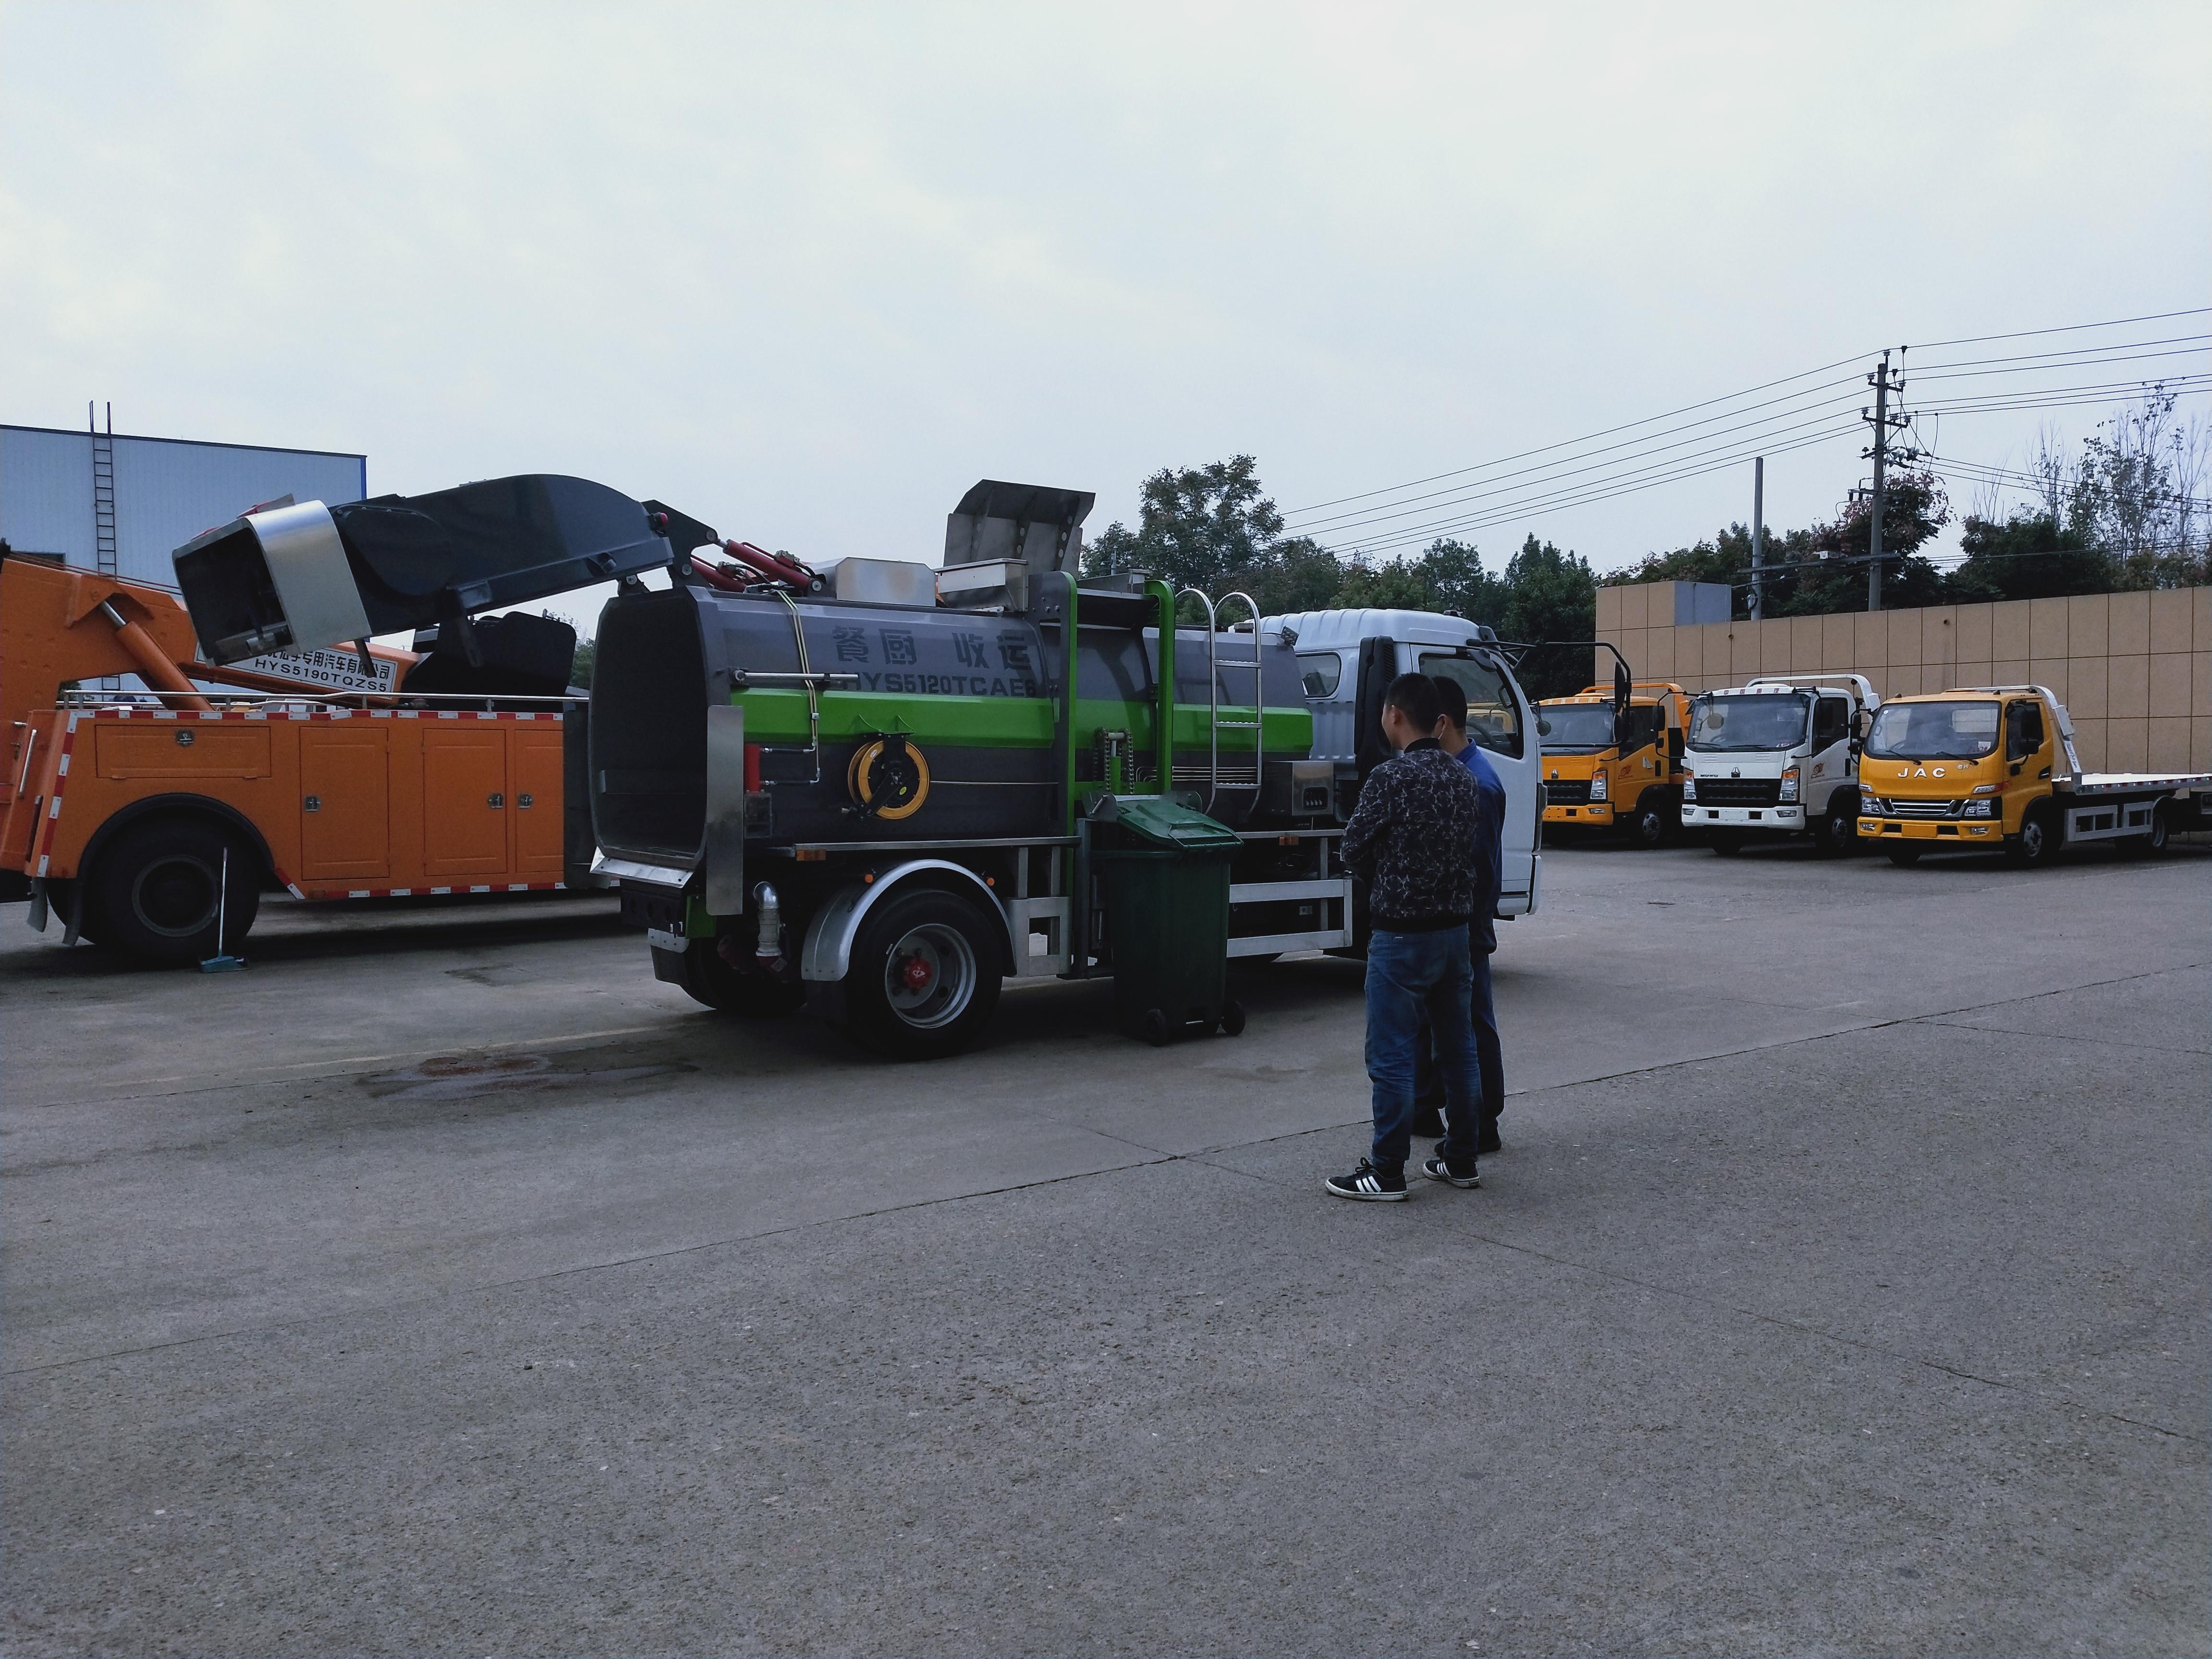 泔水垃圾车餐厨湿垃圾车挂桶垃圾车厂家操作视频